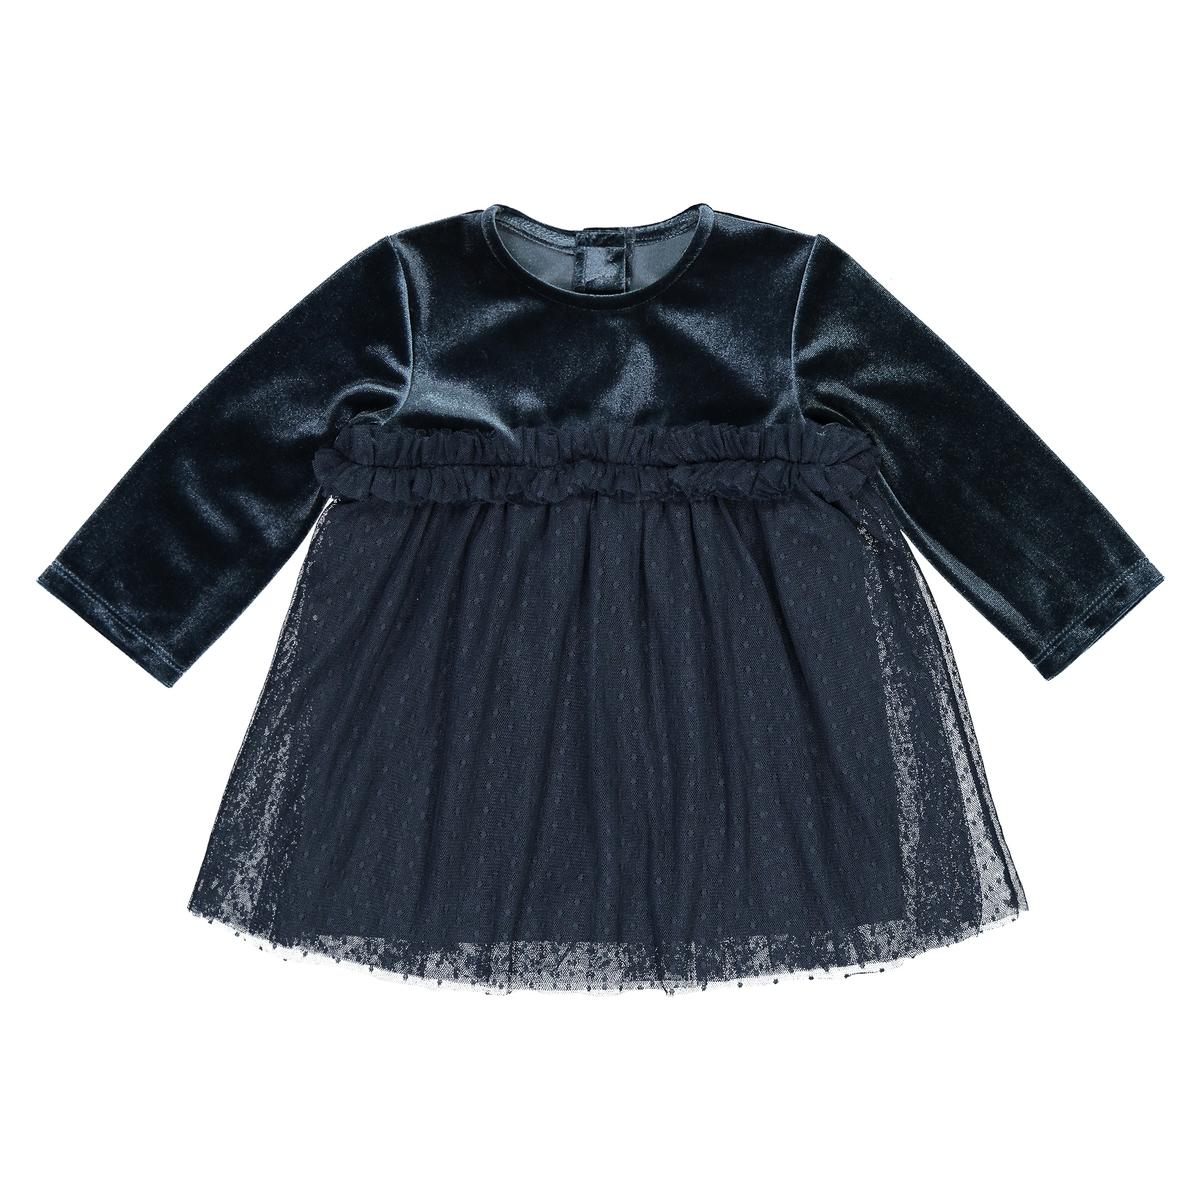 Платье La Redoute Для торжества из велюра и вышитой гладью ткани мес - года 3 мес. - 60 см синий пижамы la redoute из велюра мес года 0 мес 50 см синий